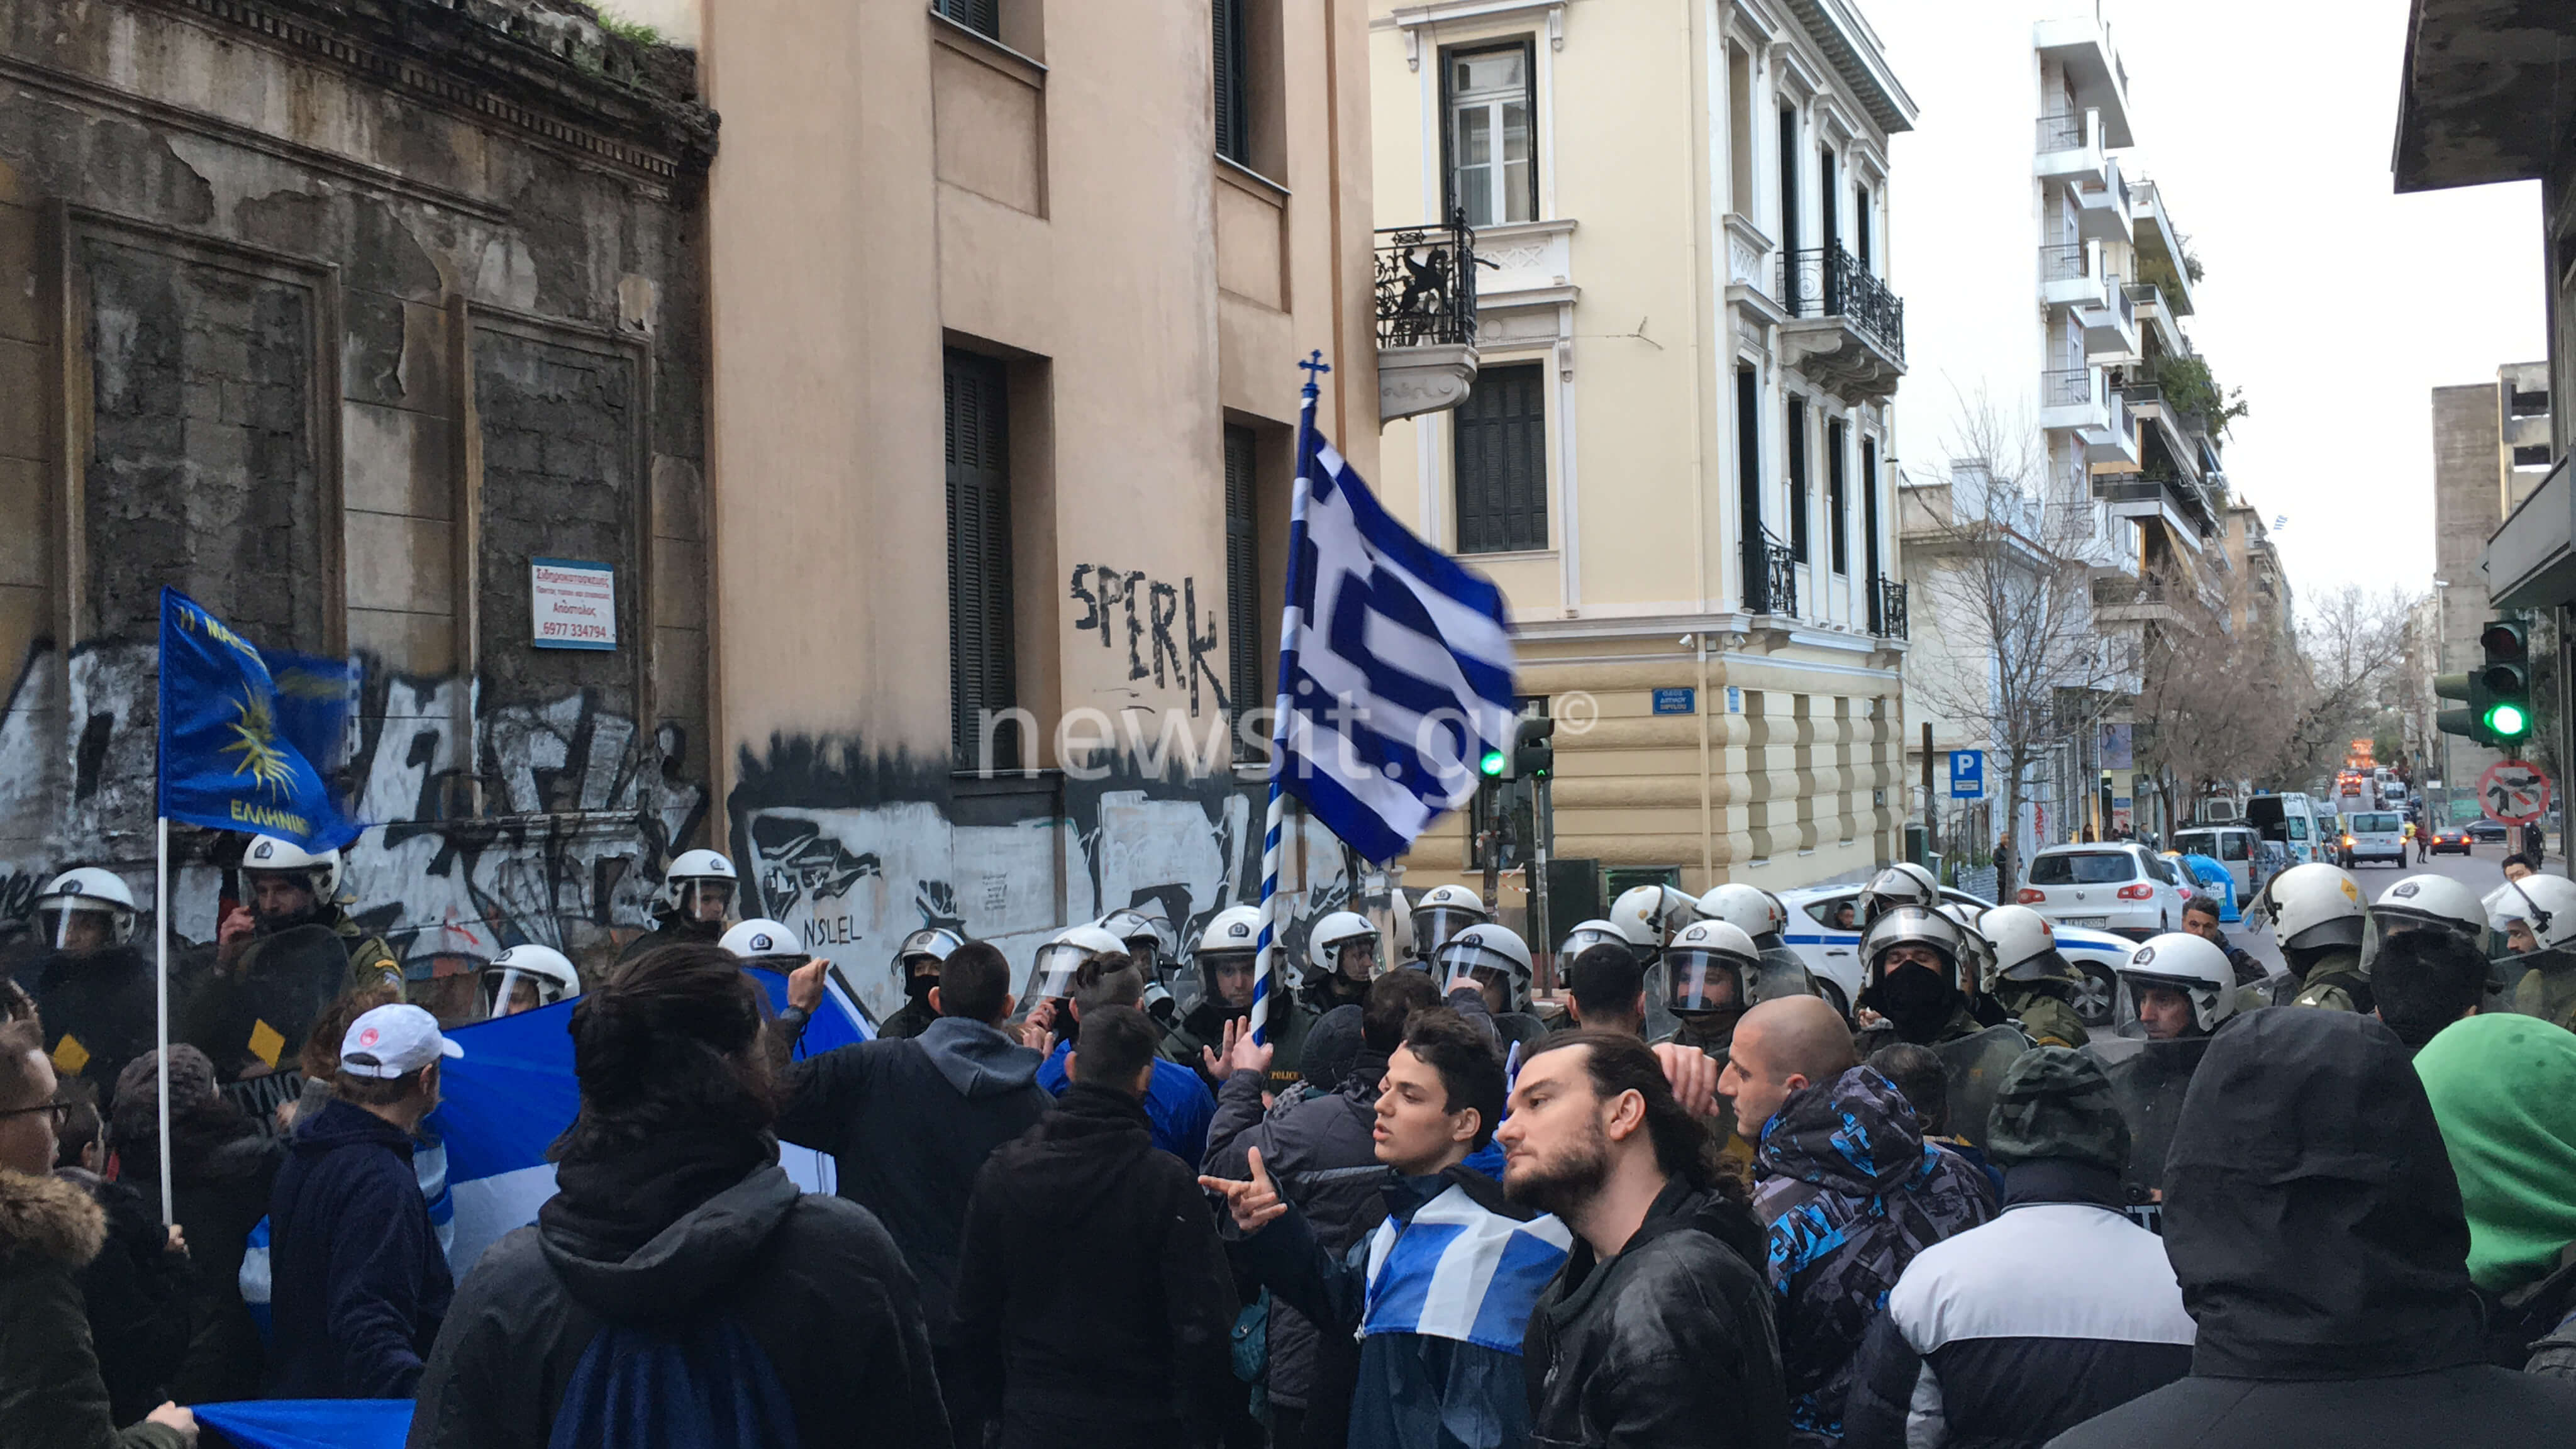 Συμφωνία των Πρεσπών: Διαδηλωτές κατευθύνθηκαν προς τα γραφεία του ΣΥΡΙΖΑ – video